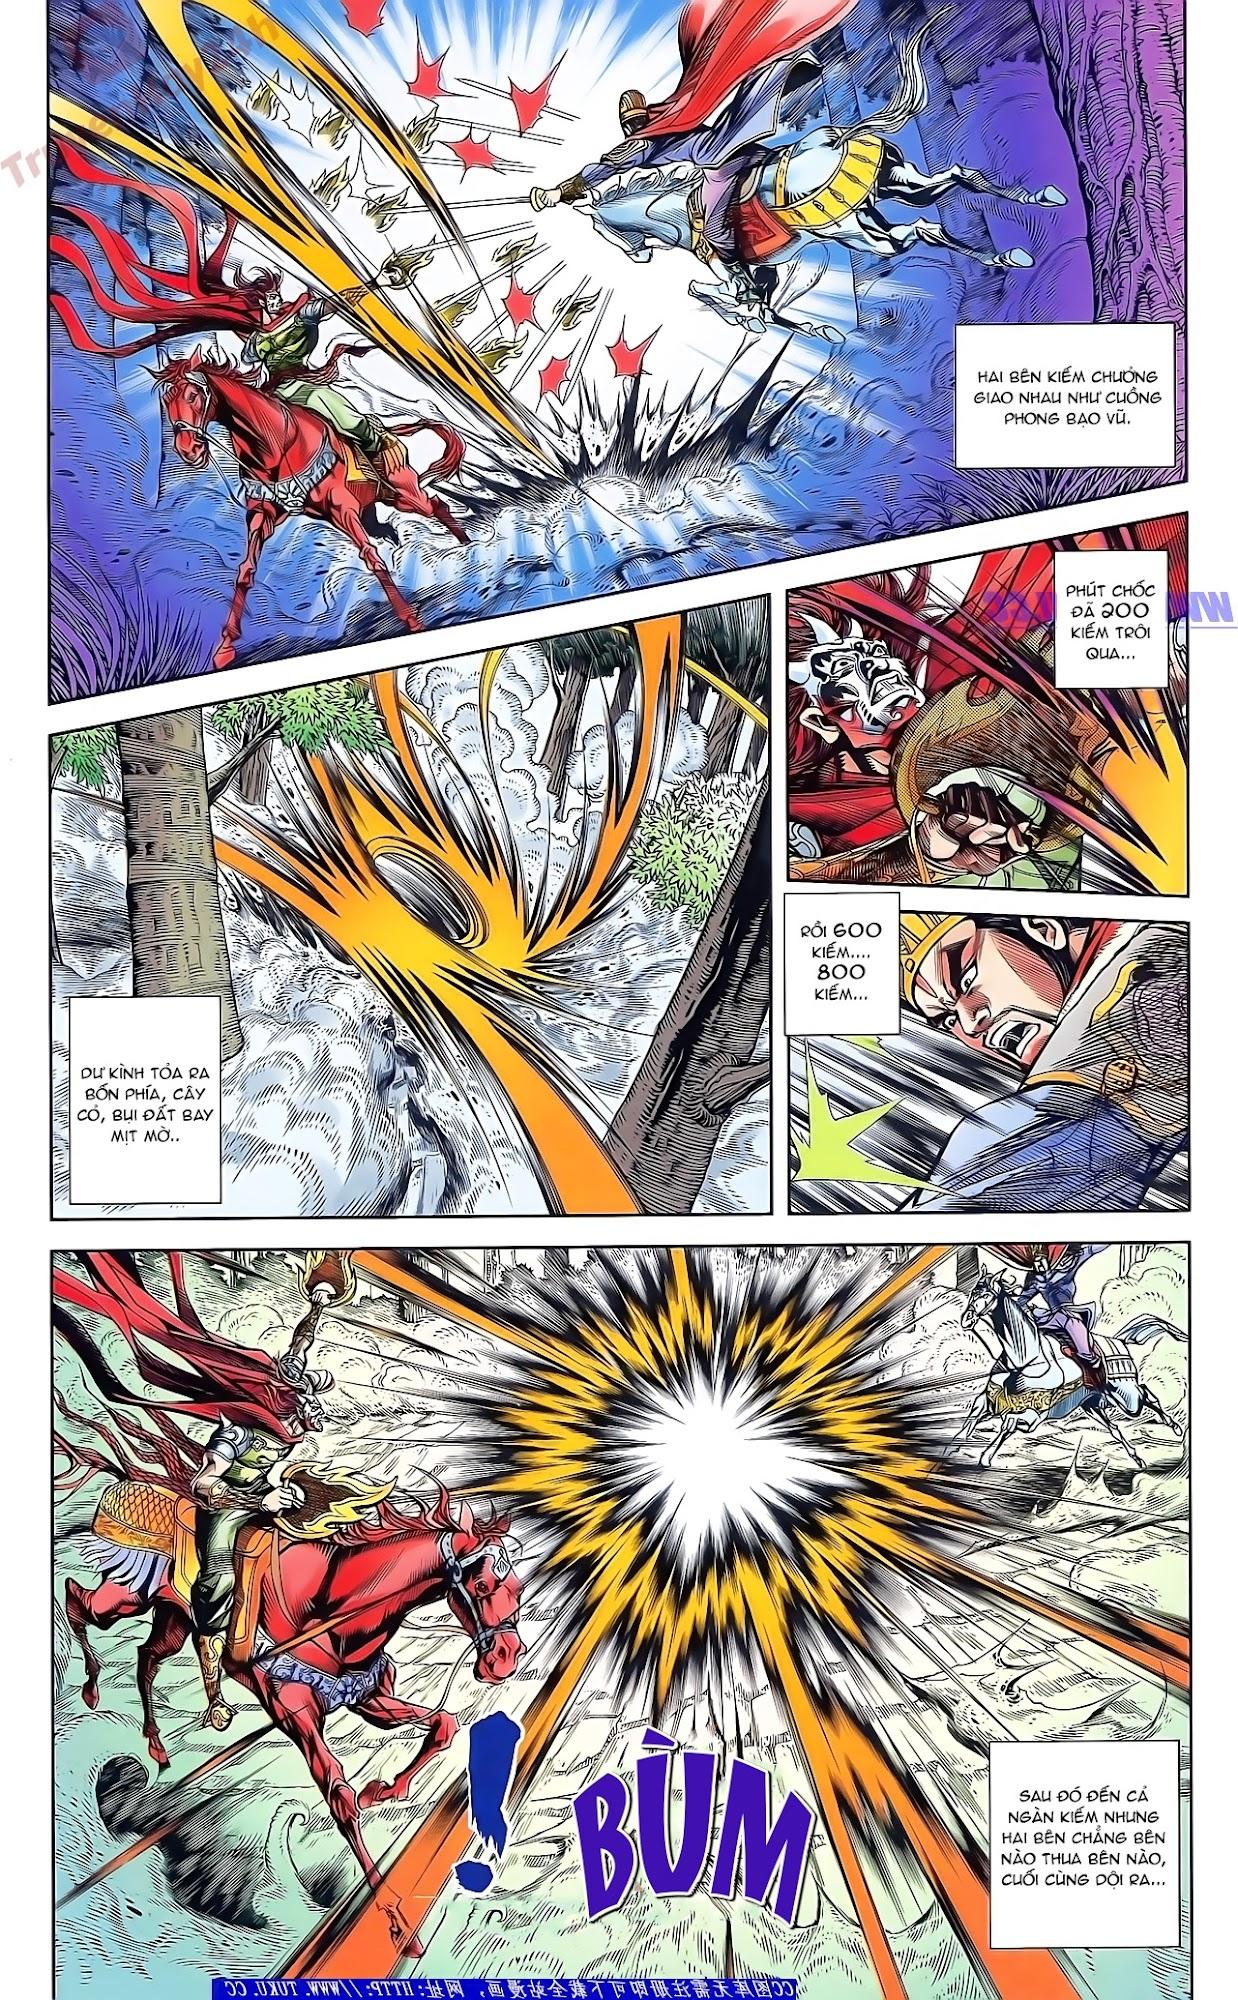 Tần Vương Doanh Chính chapter 48 trang 26